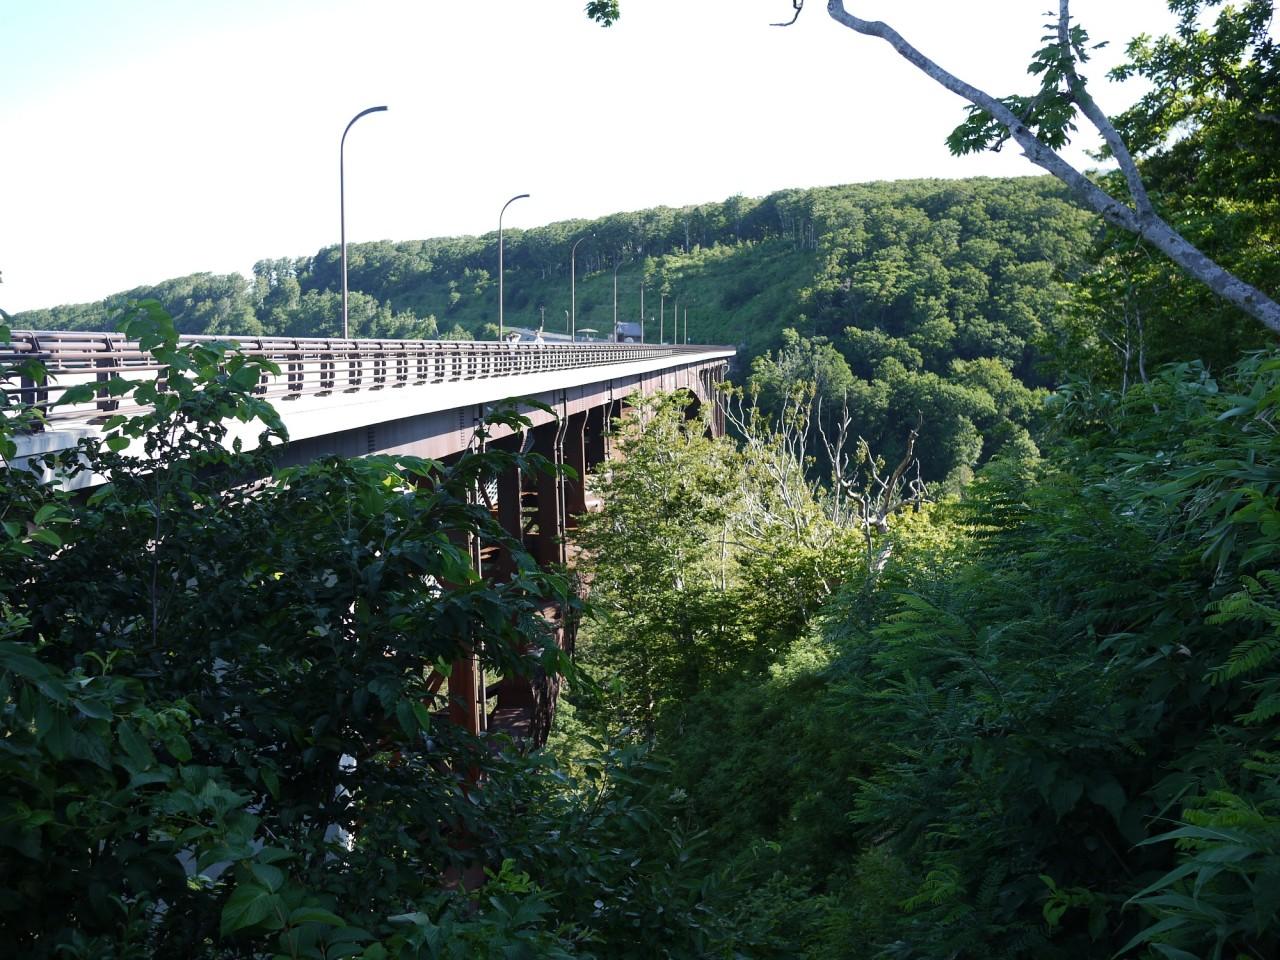 青森 風景 夏 津軽 南部 394号線 アーチ橋 絶景 山